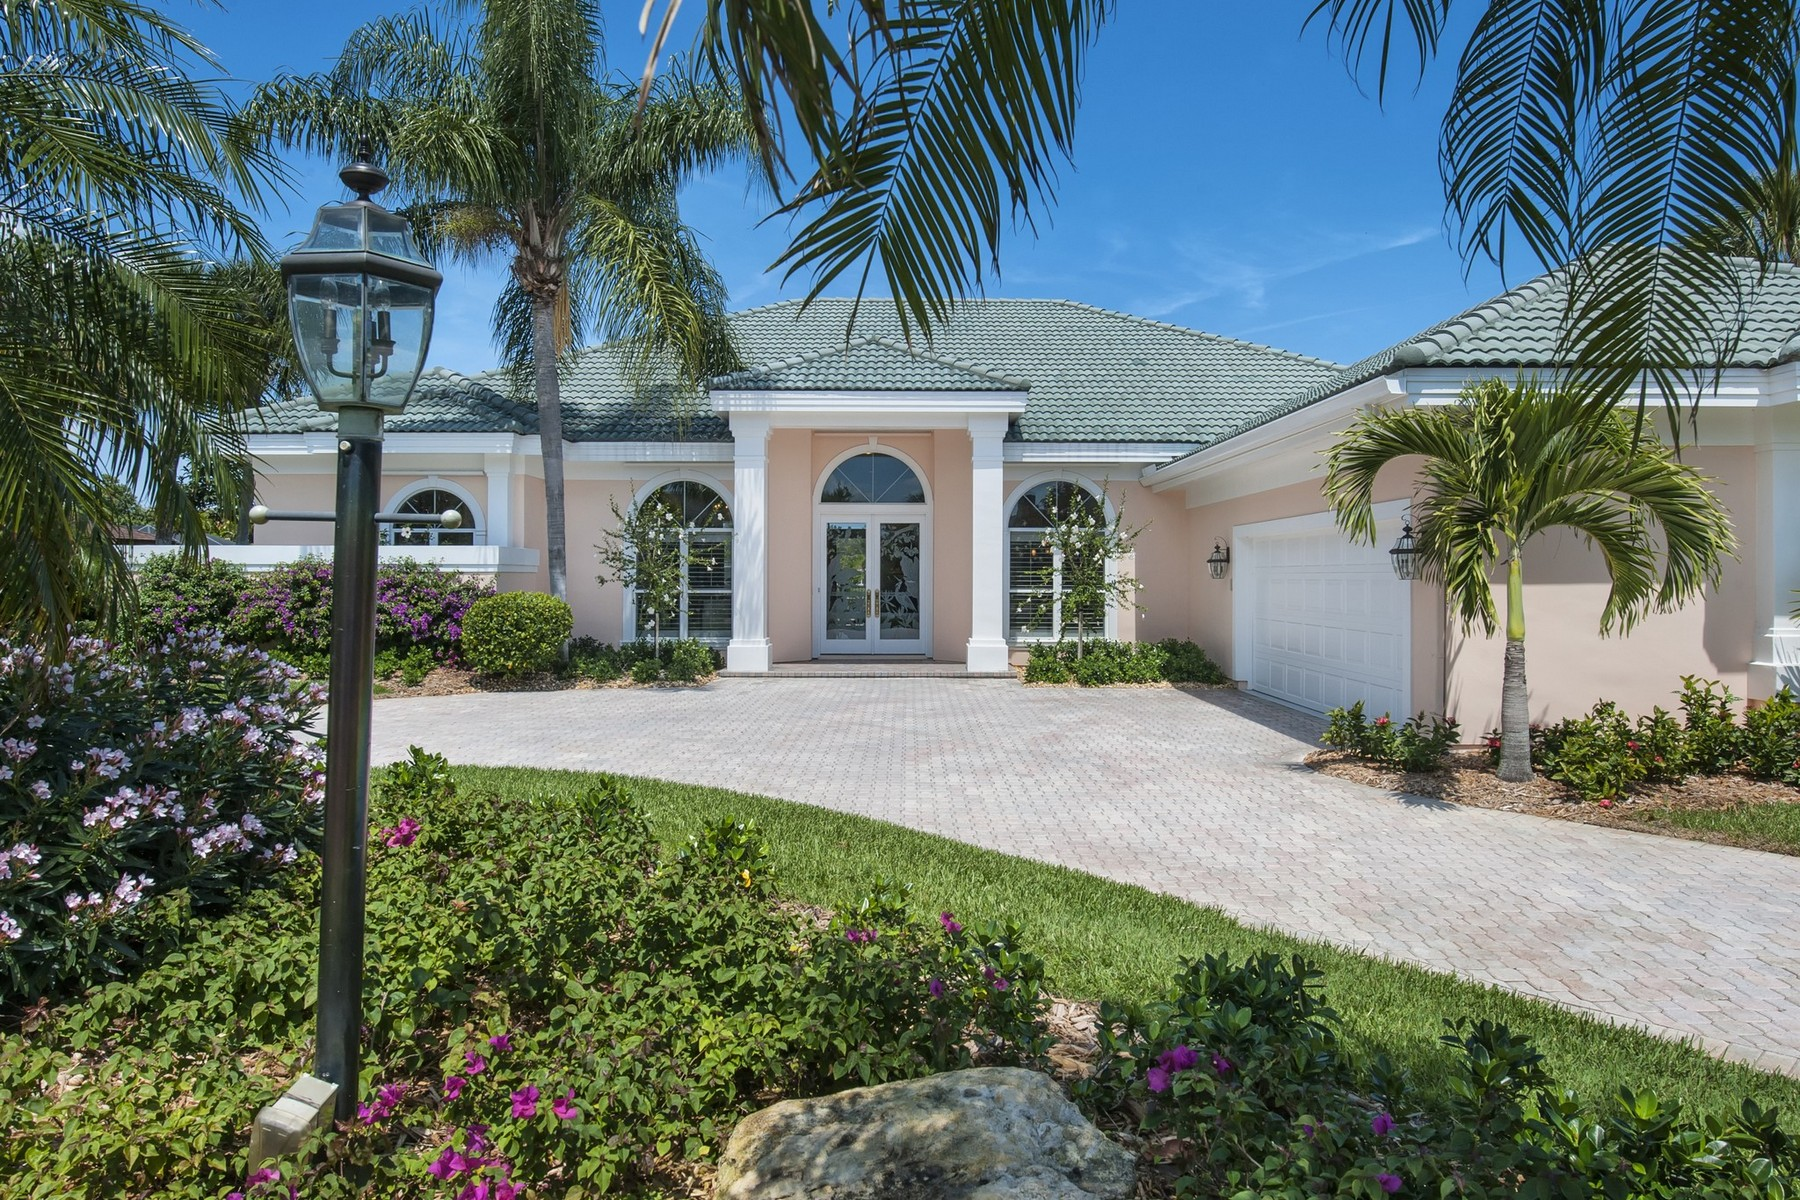 Casa Unifamiliar por un Venta en Exquisite lakeview pool home in Cache Cay 64 Cache Cay Drive Vero Beach, Florida 32963 Estados Unidos